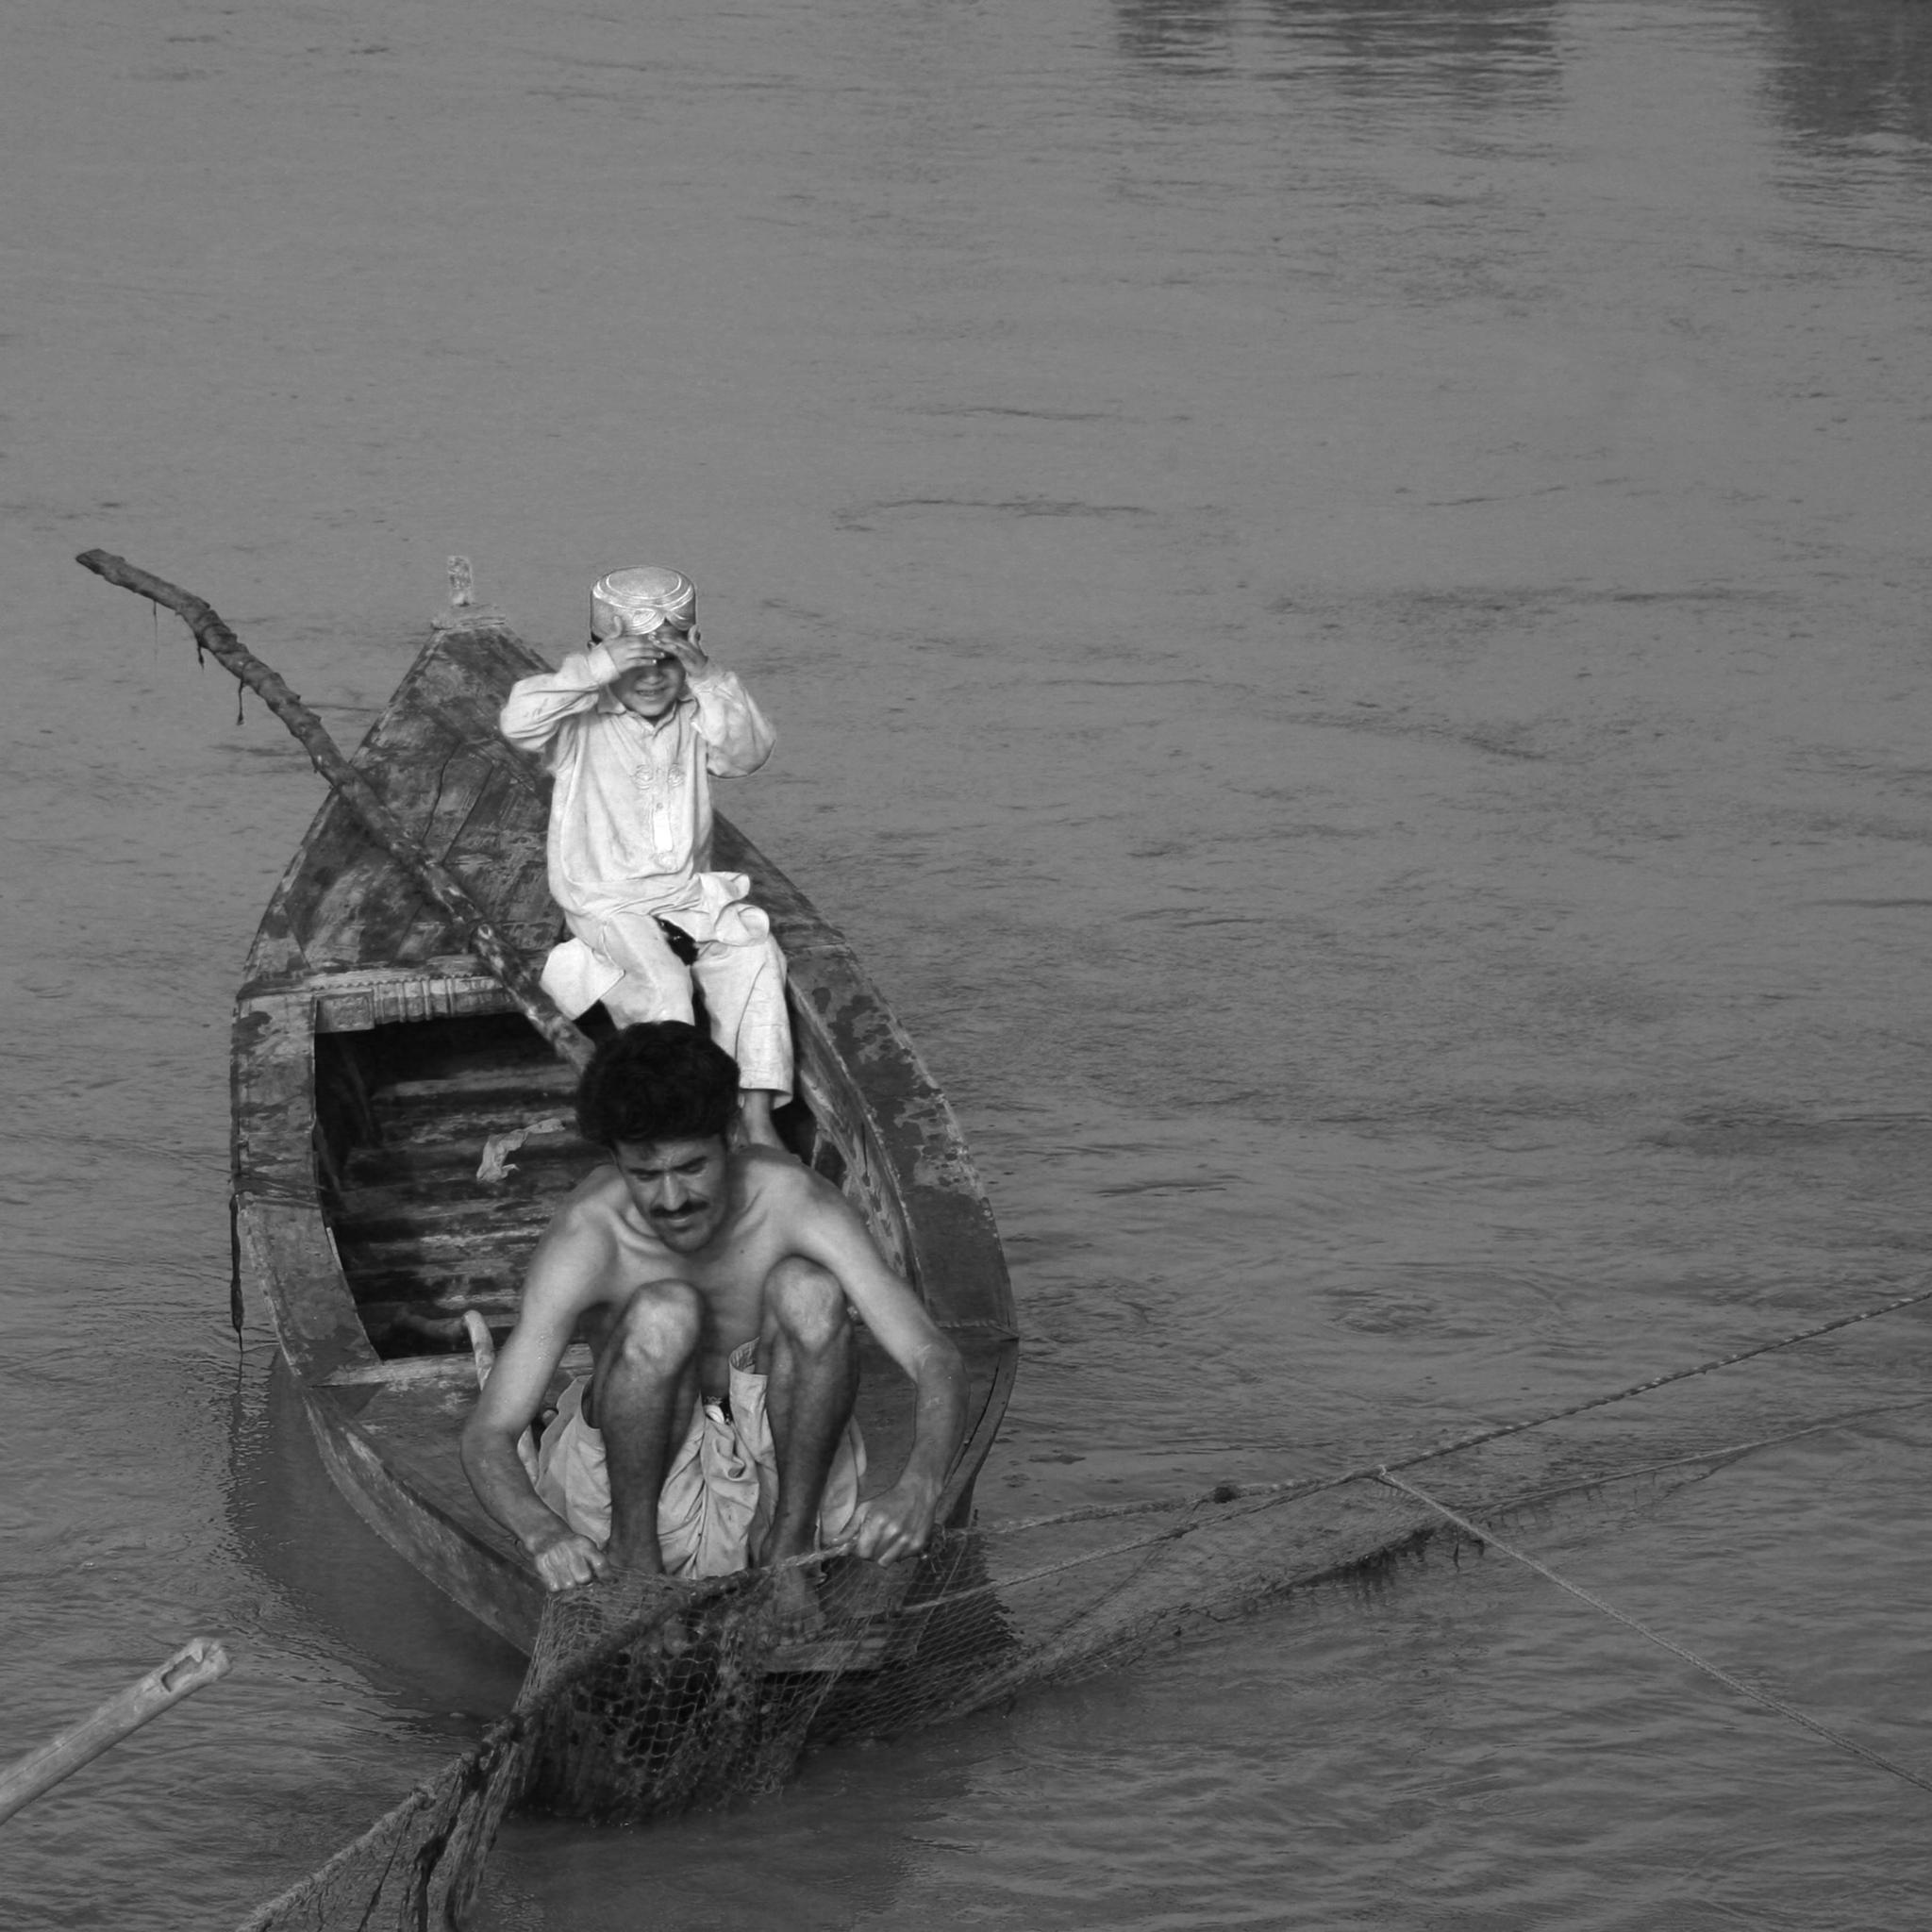 Hardworking Father by Sohail Asim